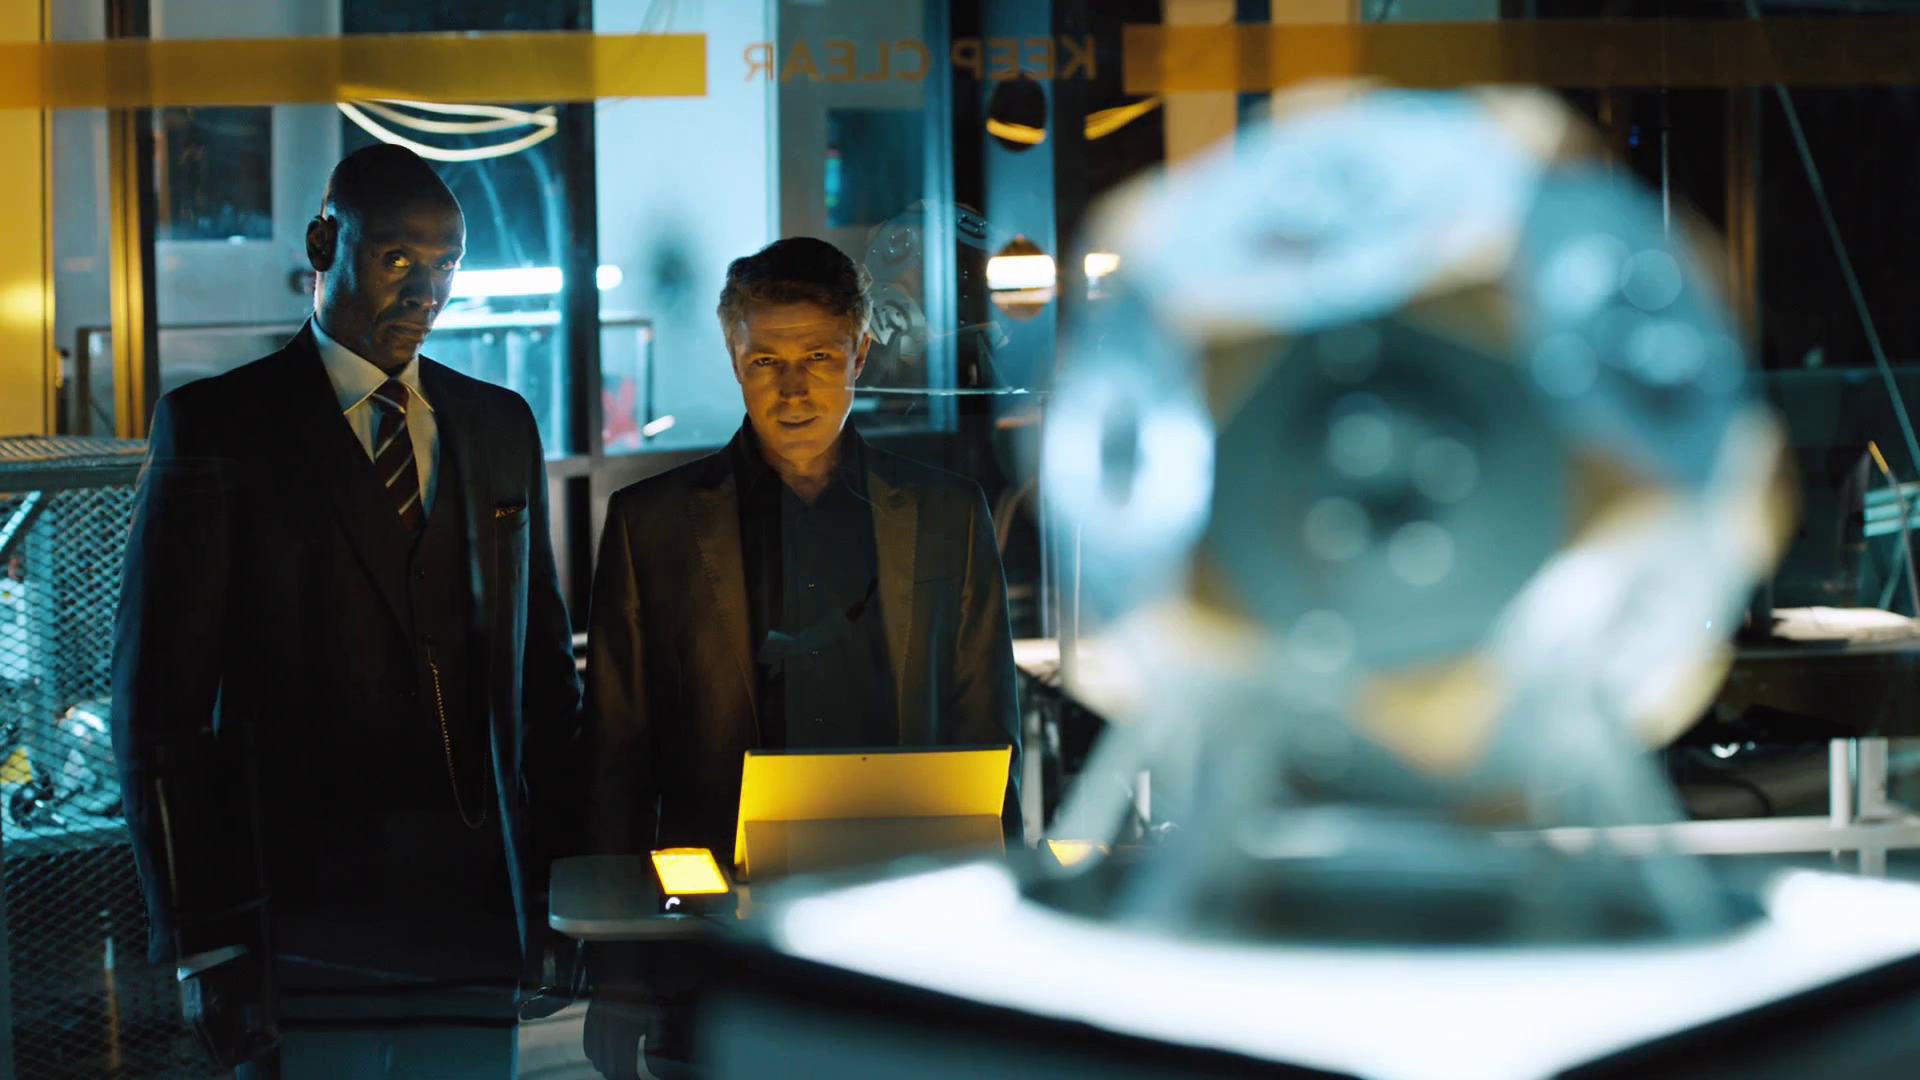 Die Zwischensequenzen im TV-Look sind auf dem Niveau einer Netflix und Co Serie.